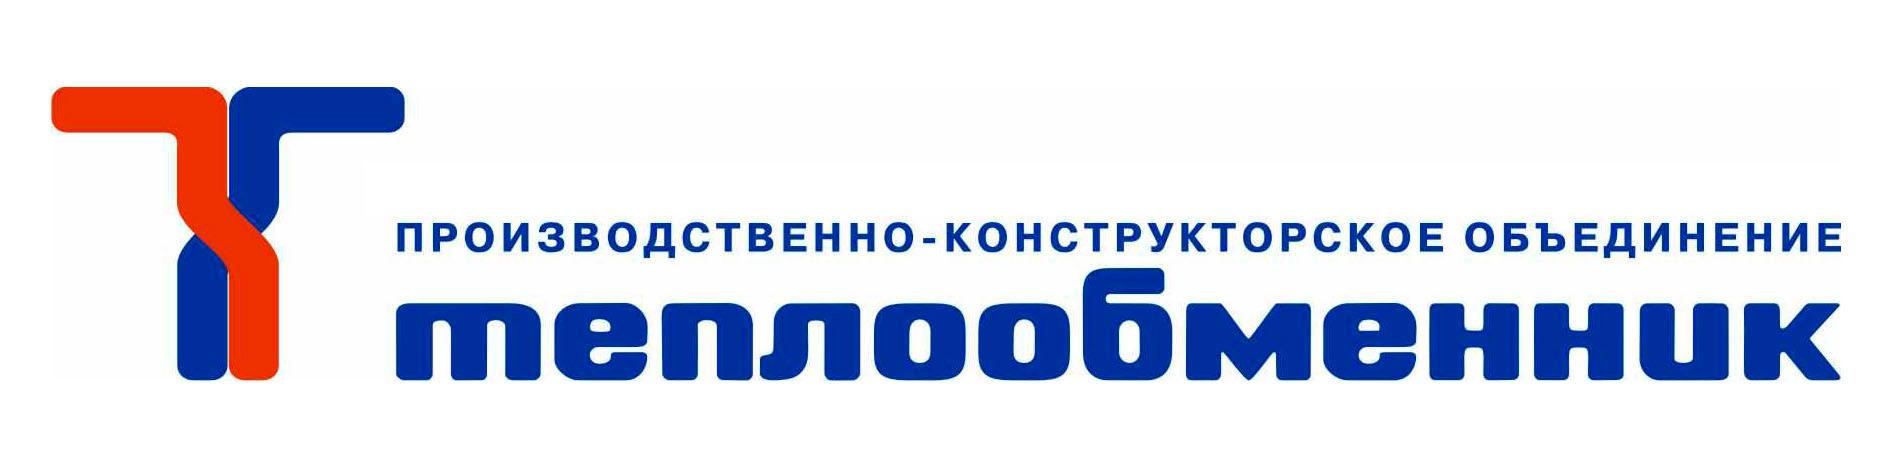 ПАО «ПКО «Теплообменник»